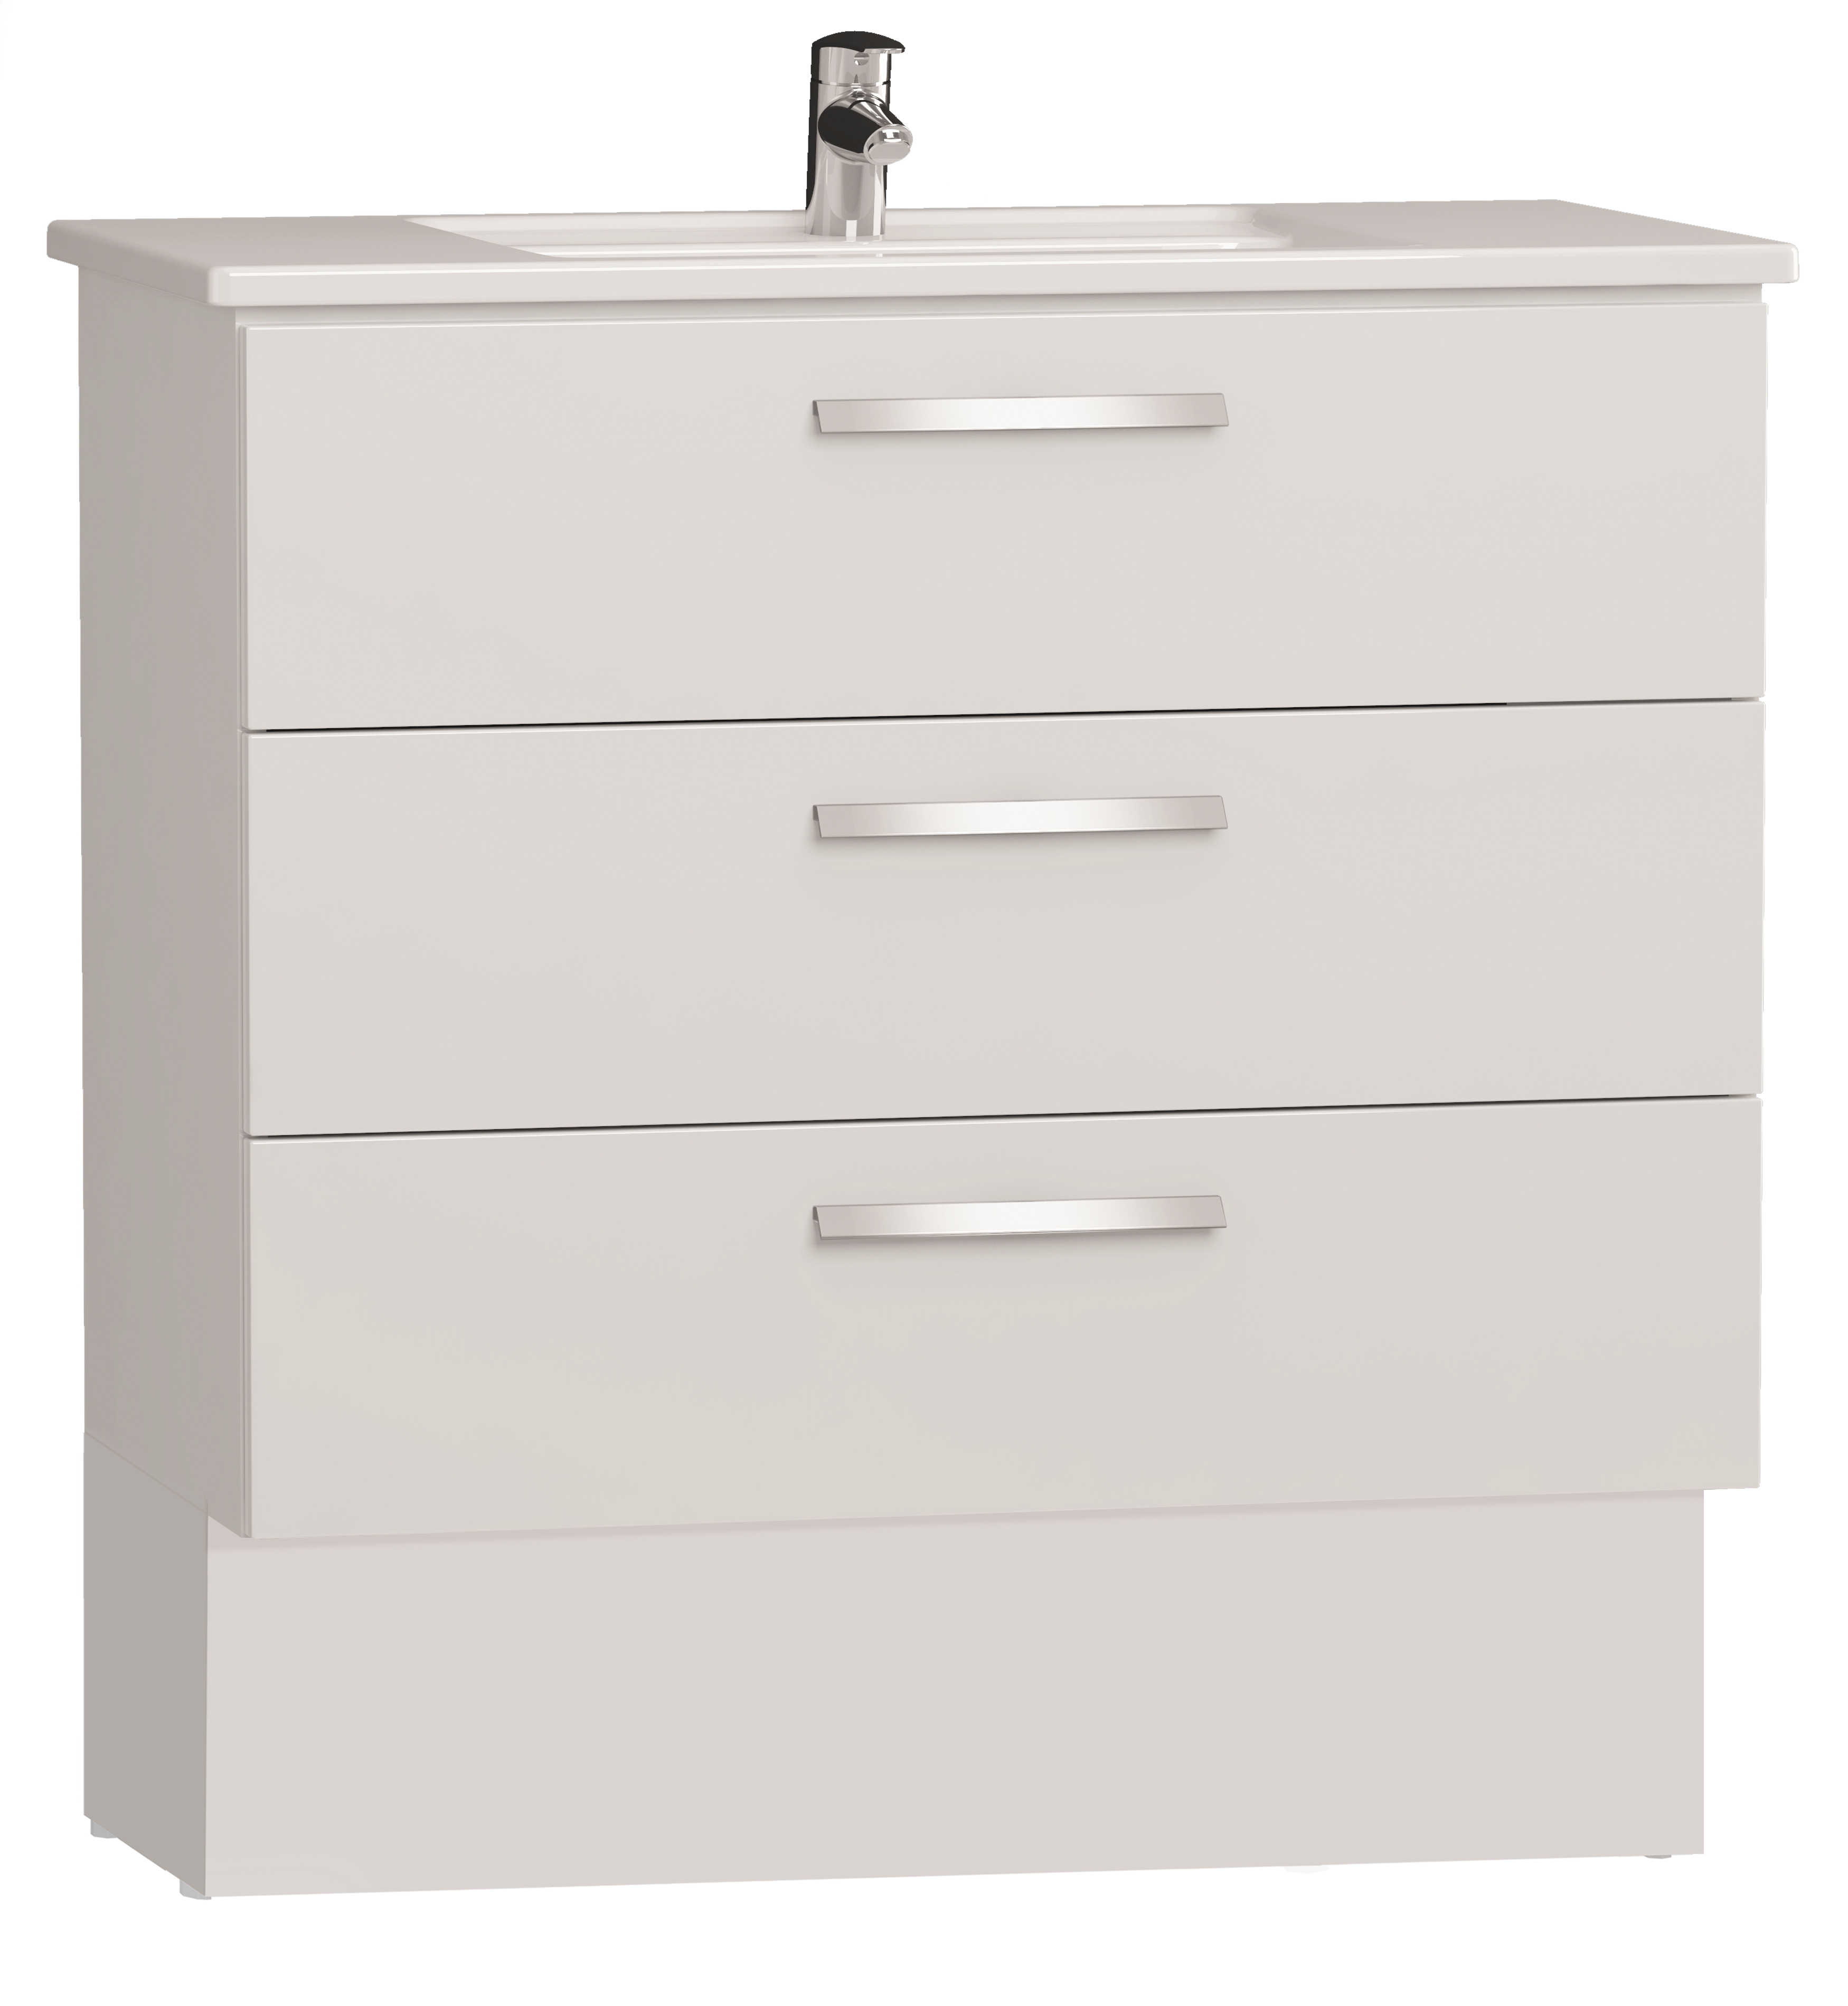 Integra socle pour meuble avec plan céramique et trois tiroirs, 90 cm, blanc haute brillance